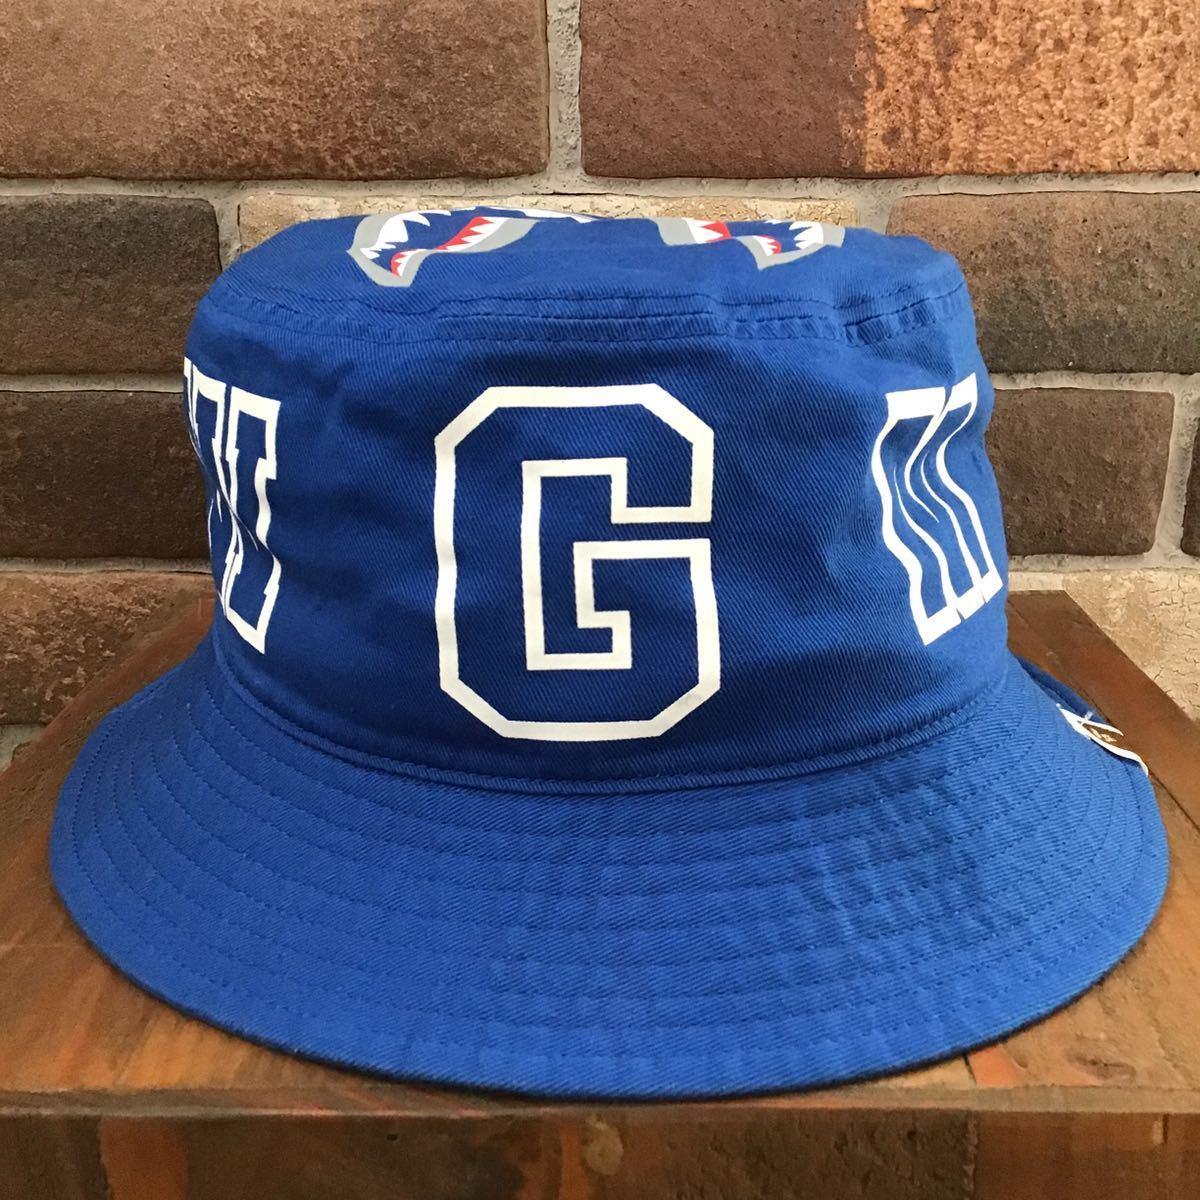 BAPE shark hat blue Lサイズ a bathing ape シャーク ハット WGM エイプ ベイプ アベイシングエイプ 帽子 8528